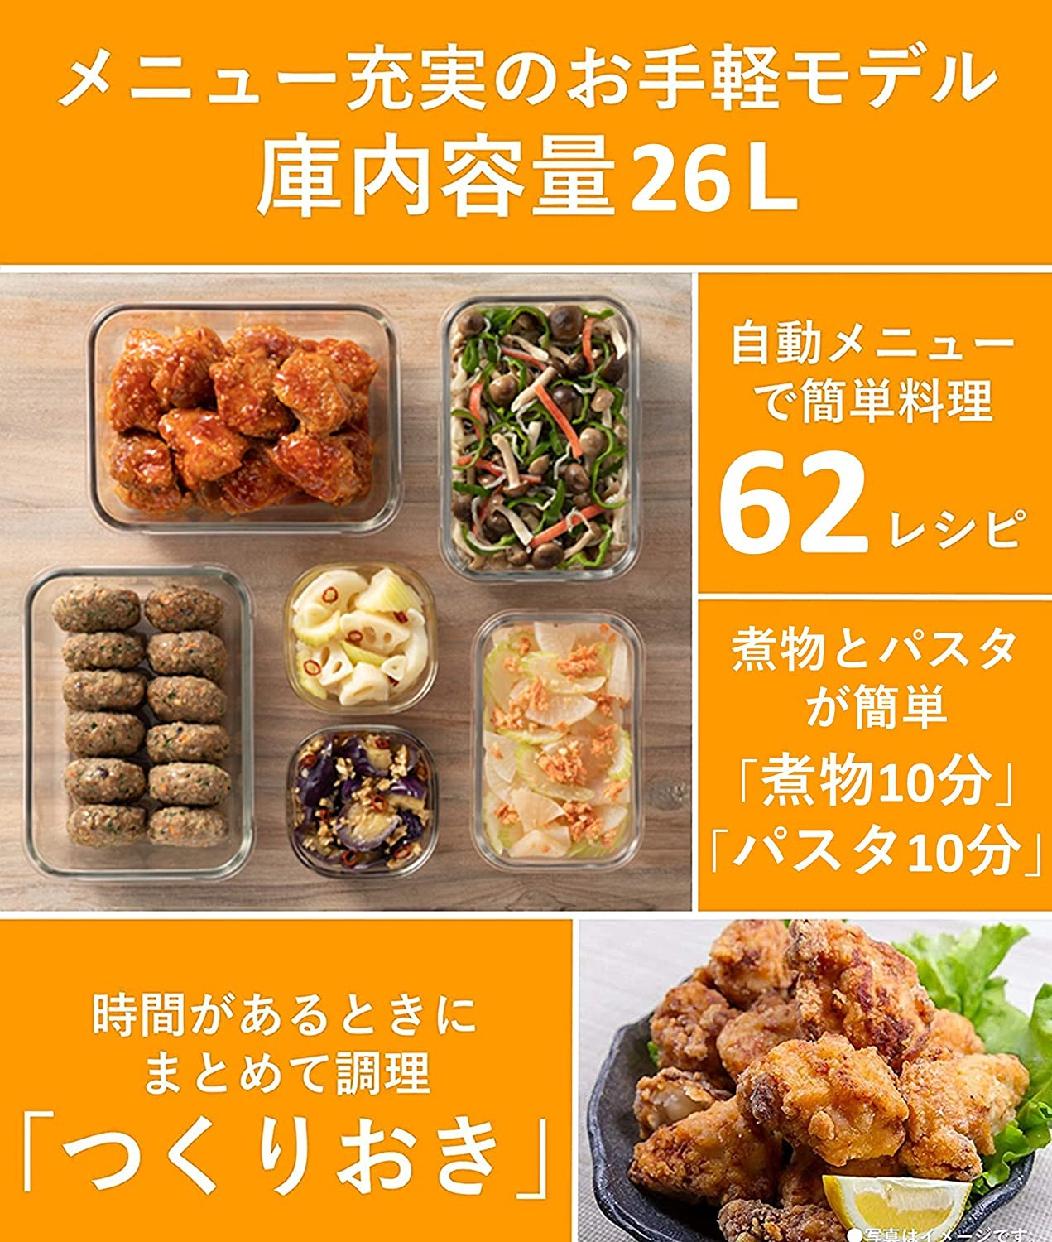 Panasonic(パナソニック) オーブンレンジ NE-MS266の商品画像2